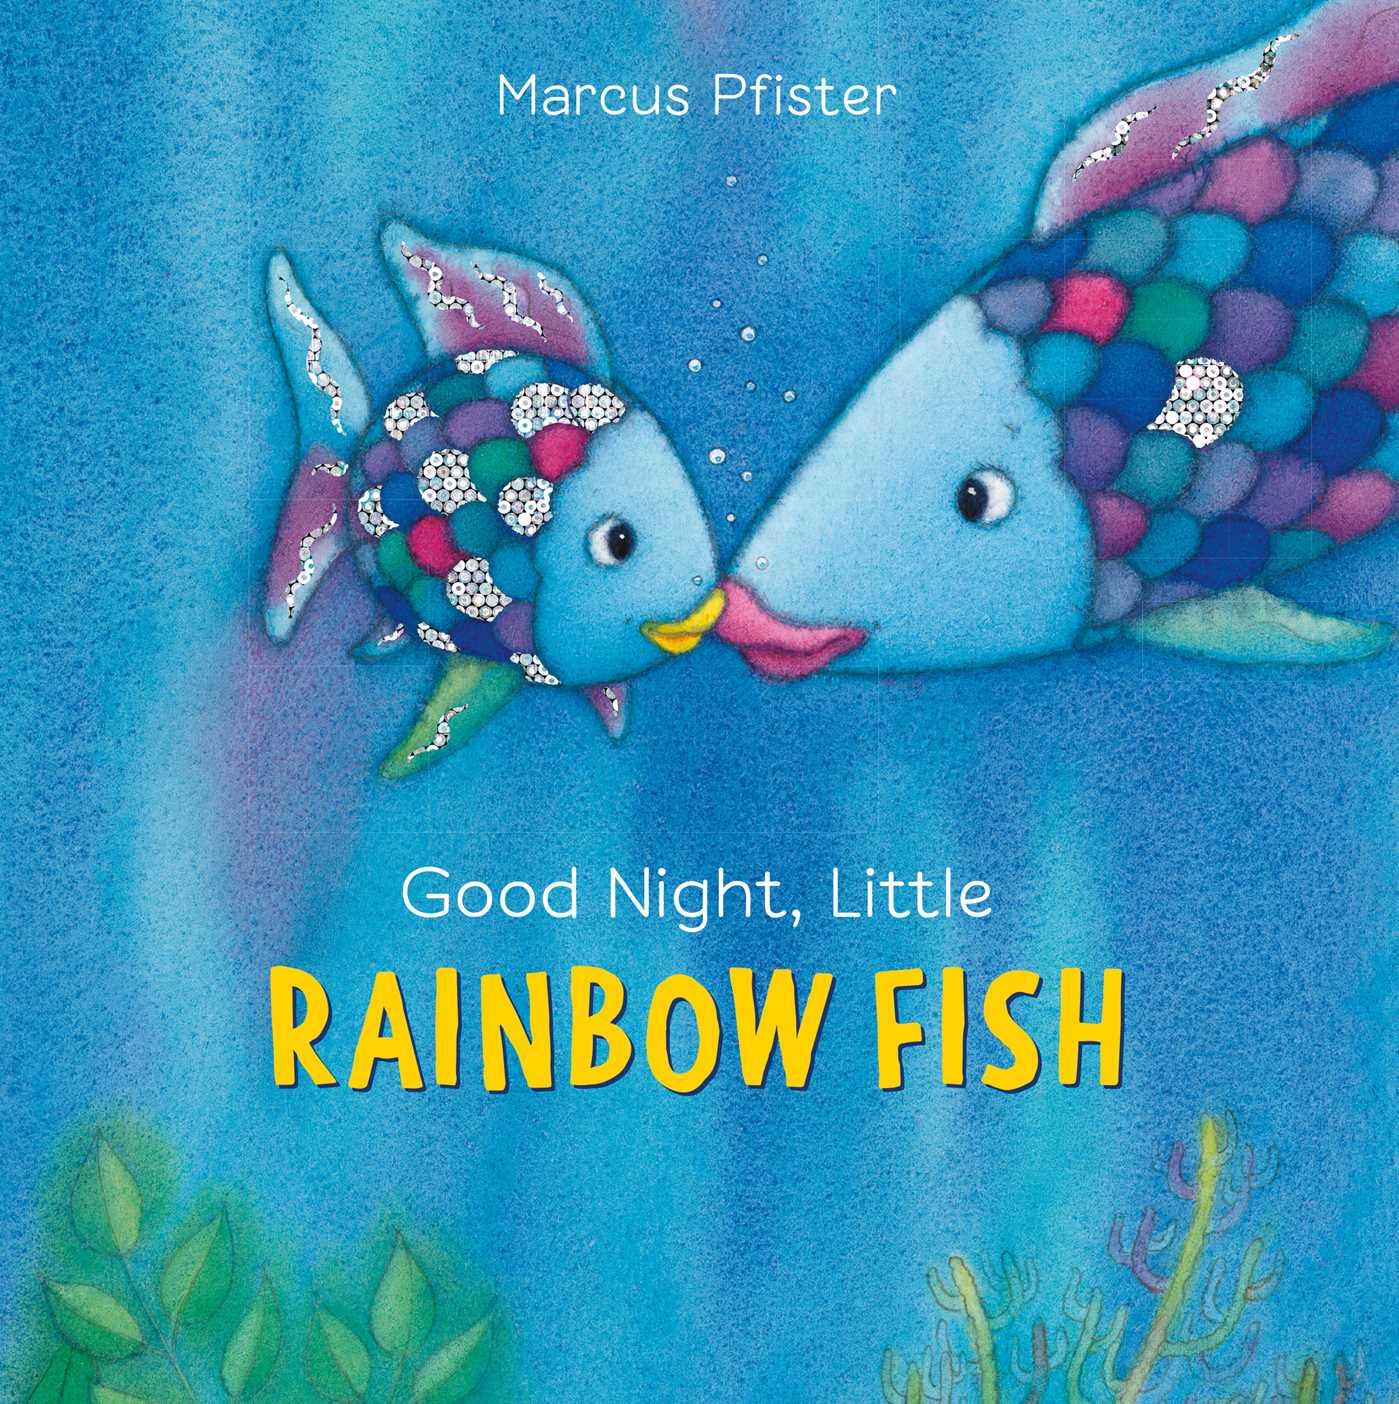 Good night little rainbow fish 9780735842854 hr